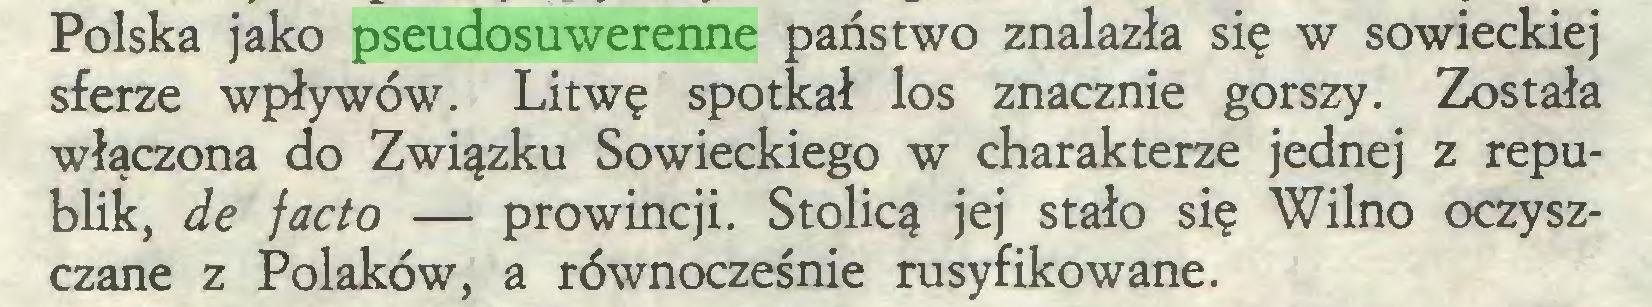 (...) Polska jako pseudosuwerenne państwo znalazła się w sowieckiej sferze wpływów. Litwę spotkał los znacznie gorszy. Została włączona do Związku Sowieckiego w charakterze jednej z republik, de facto — prowincji. Stolicą jej stało się Wilno oczyszczane z Polaków, a równocześnie rusyfikowane...